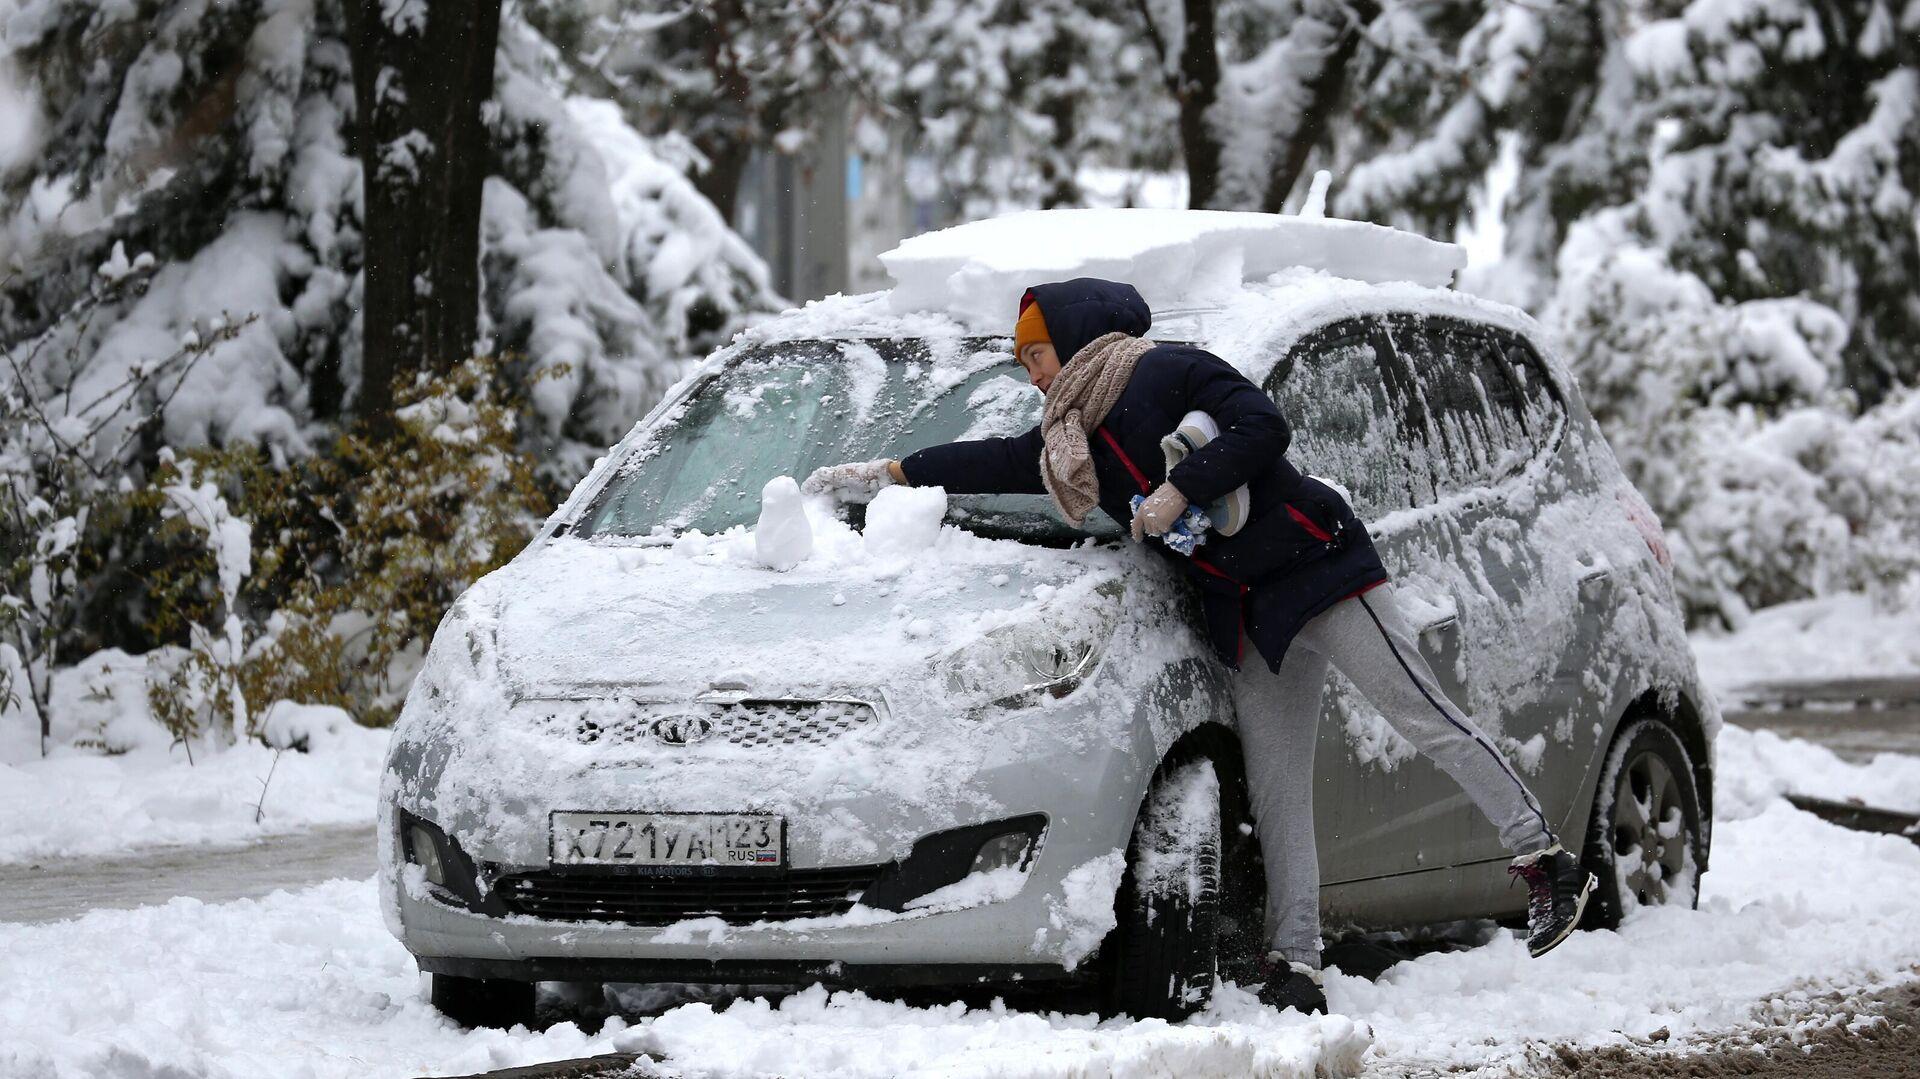 Снегопад в Краснодарском крае - РИА Новости, 1920, 09.01.2021